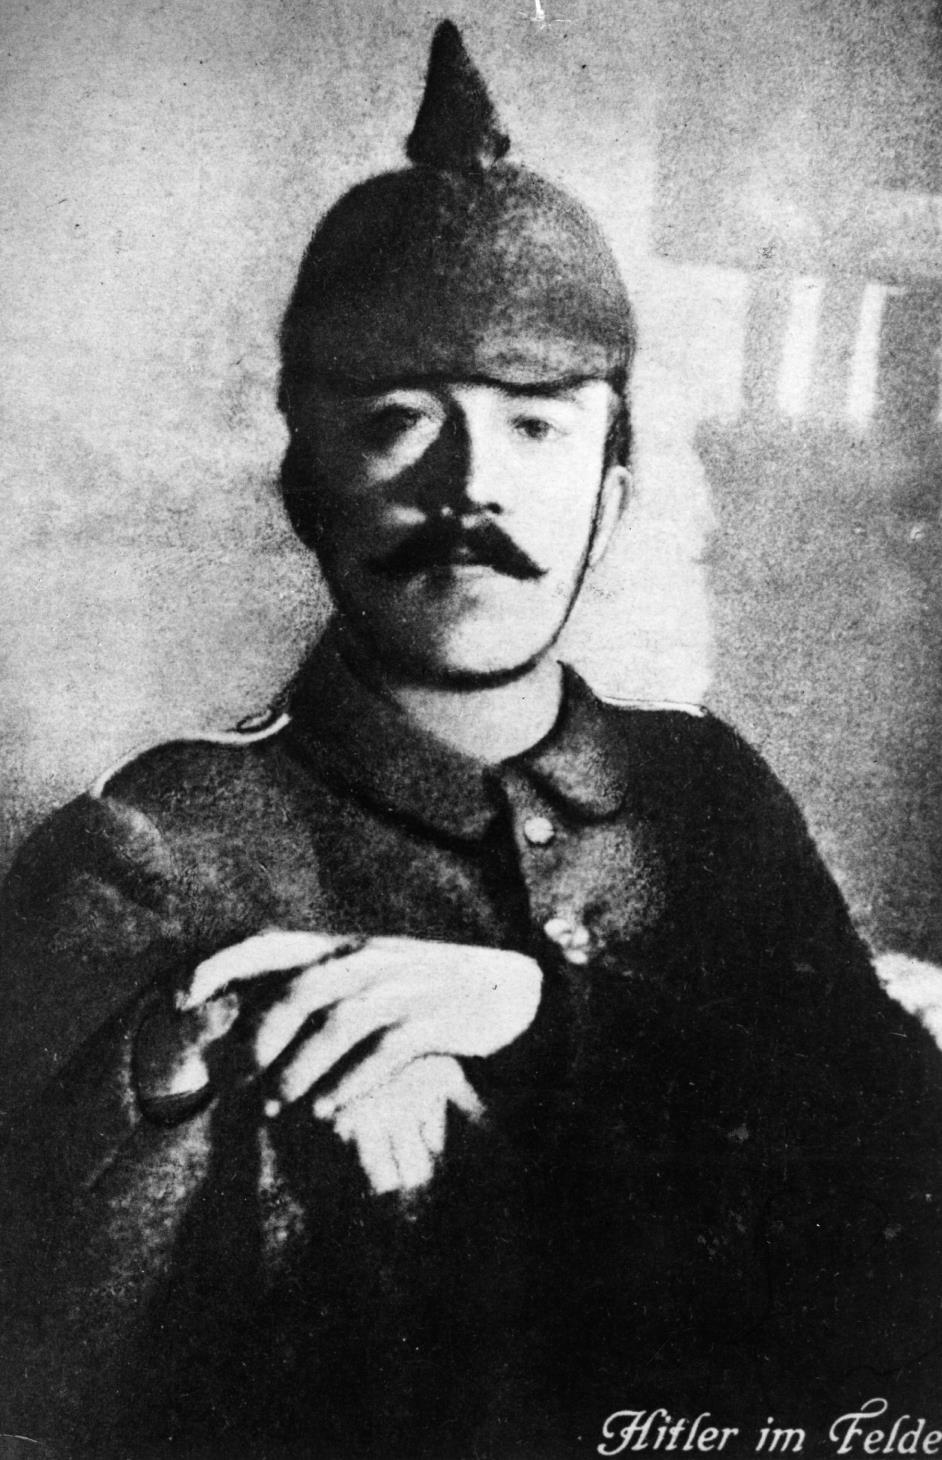 Adolf Hitler podczas I wojny światowej. Źródło: materiały prasowe National Geographic Channel